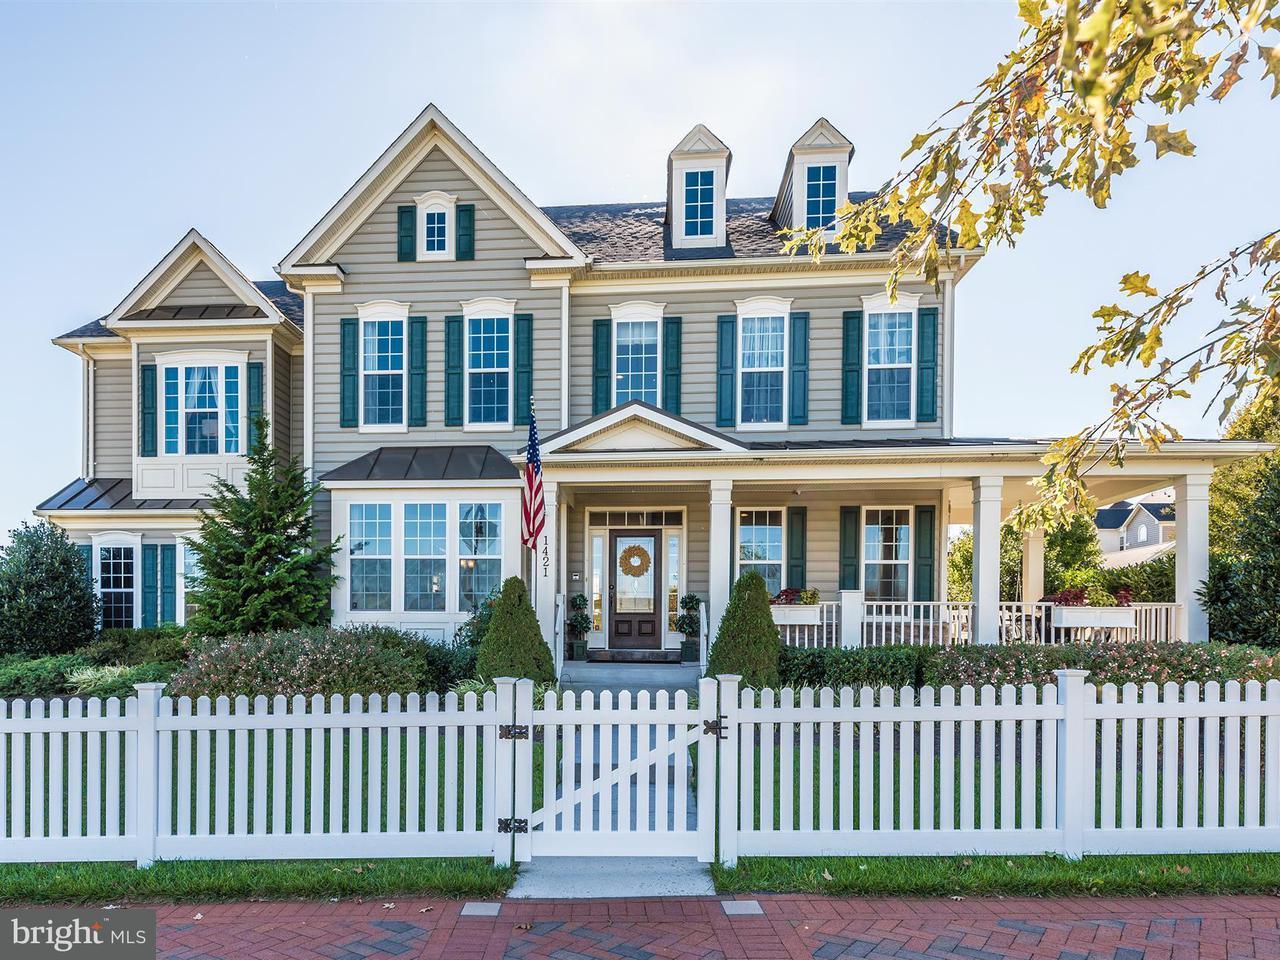 Частный односемейный дом для того Продажа на 1421 HOPE FARM Court 1421 HOPE FARM Court Brunswick, Мэриленд 21716 Соединенные Штаты